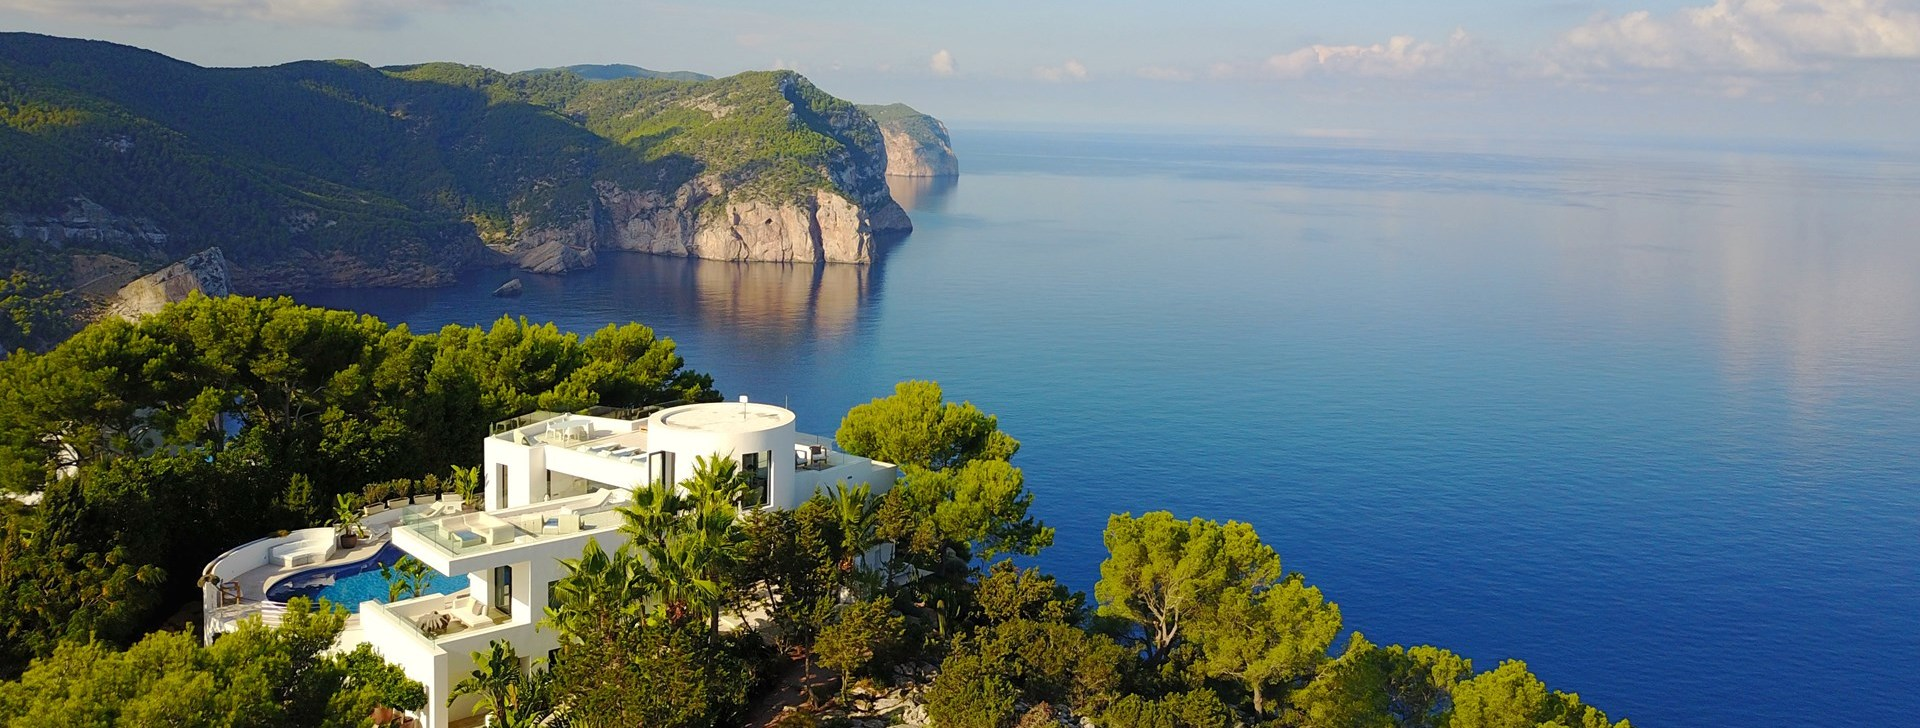 luxury-villa-holidays-ibiza